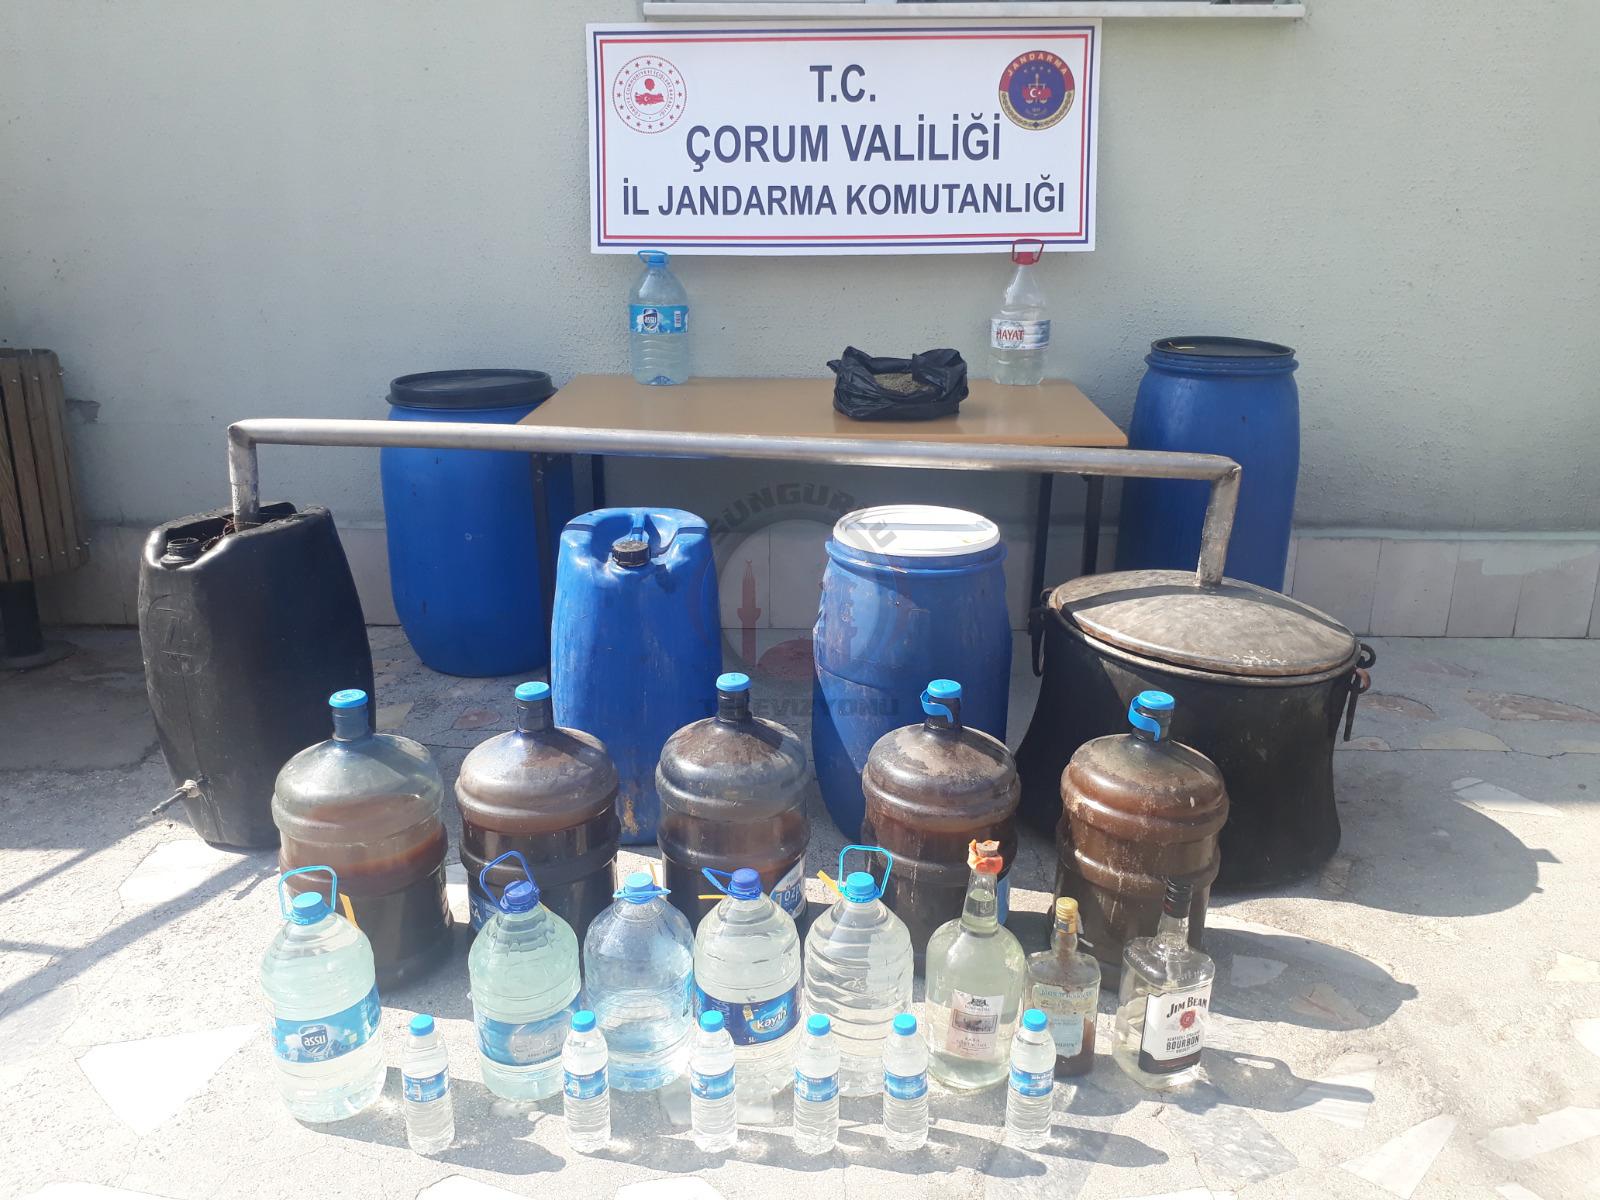 Jandarma ekipleri tarafından düzenlenen operasyonda 198 litre fermente şarap, 38 litre kaçak rakı ele geçirildi.   Sungurlu Haber